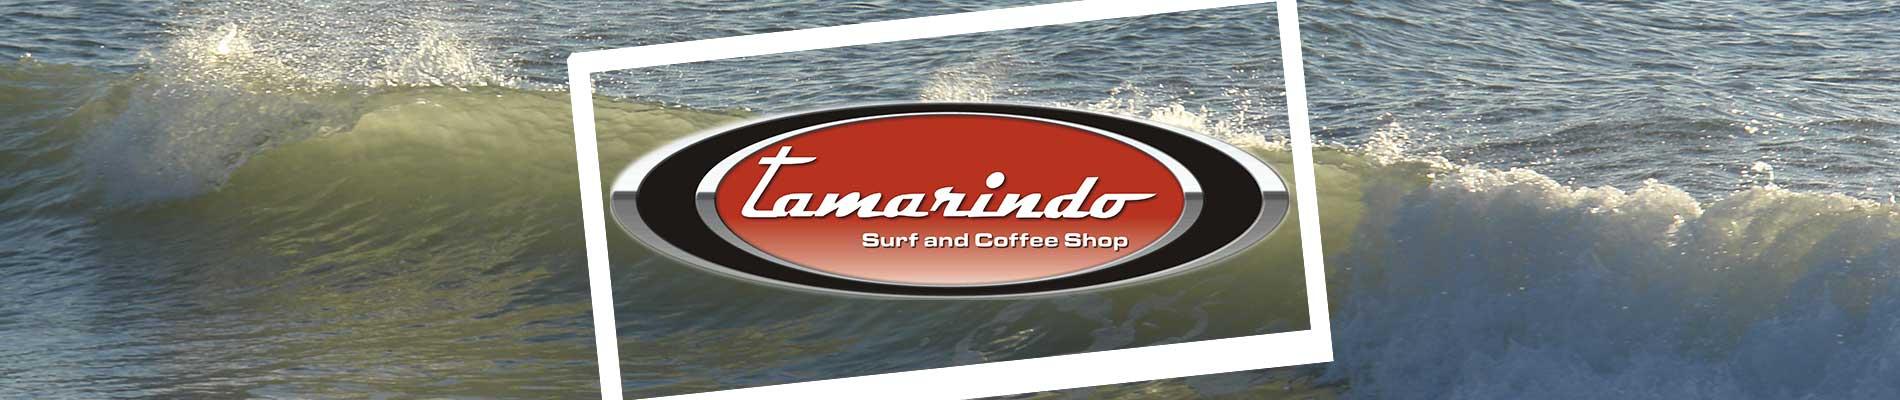 Tamarindo, surf et coffee shop